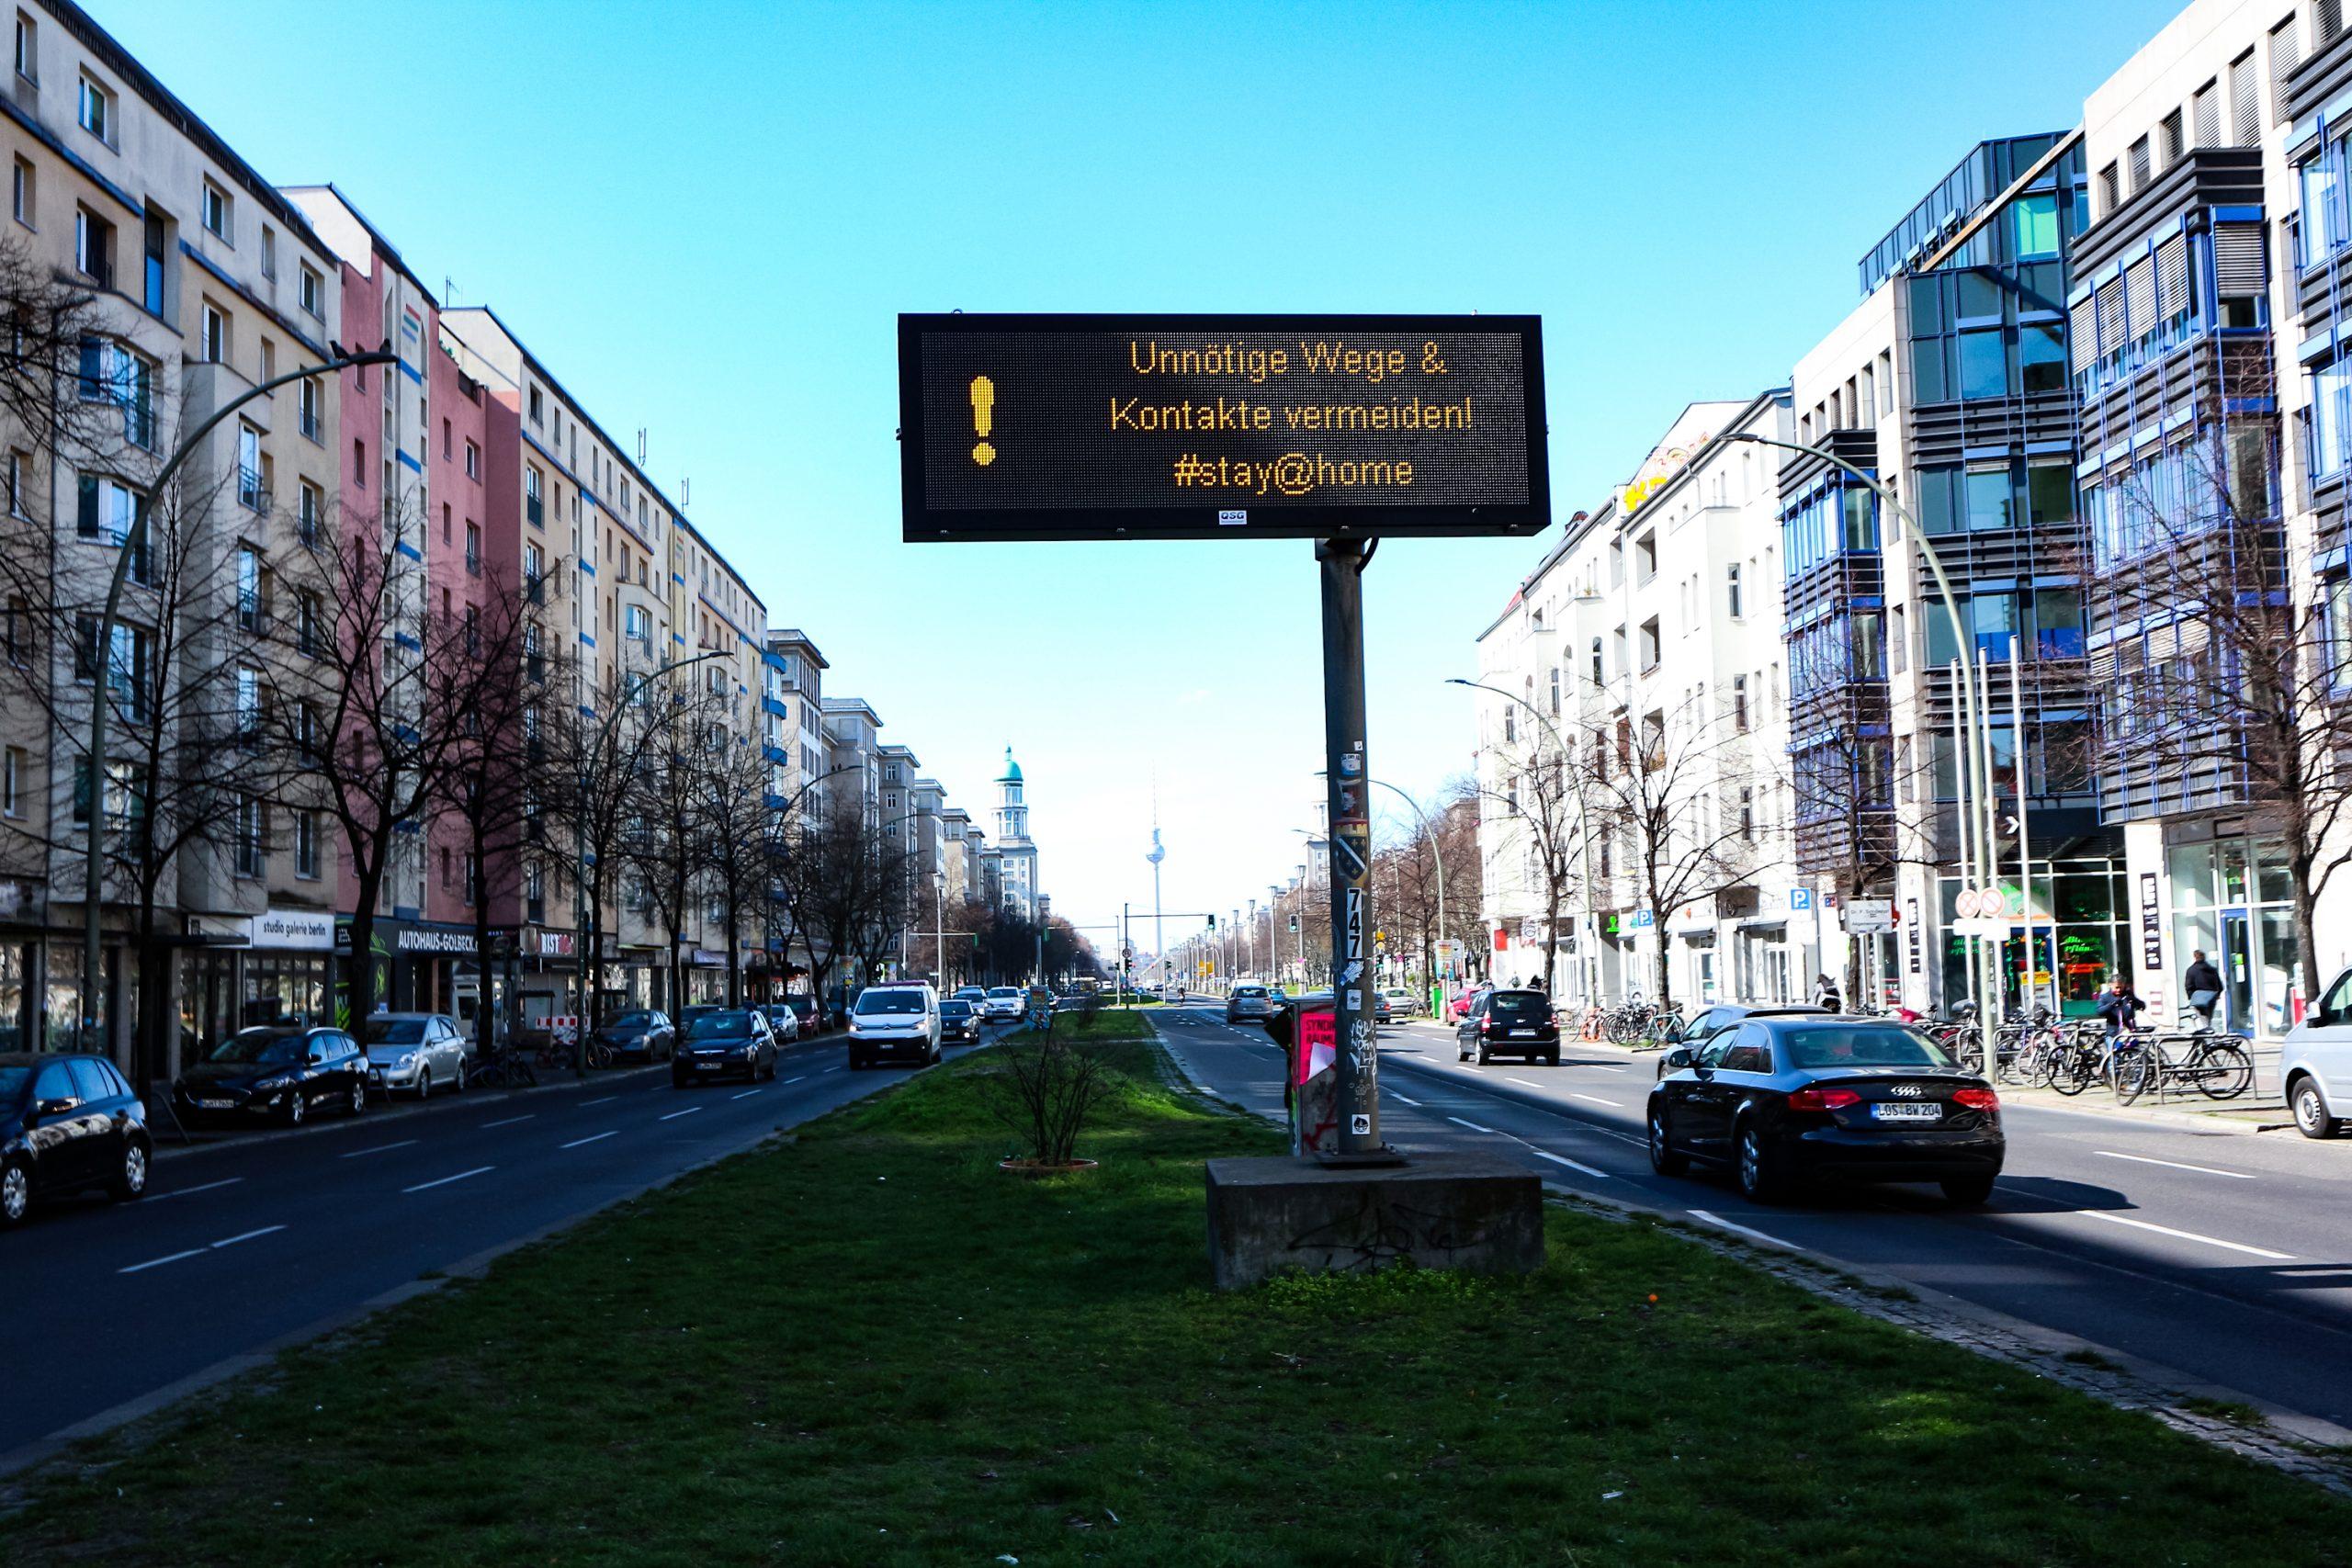 """Corona-Maßnahmen wie DDR: """"So funktionieren totalitäre Regime"""""""